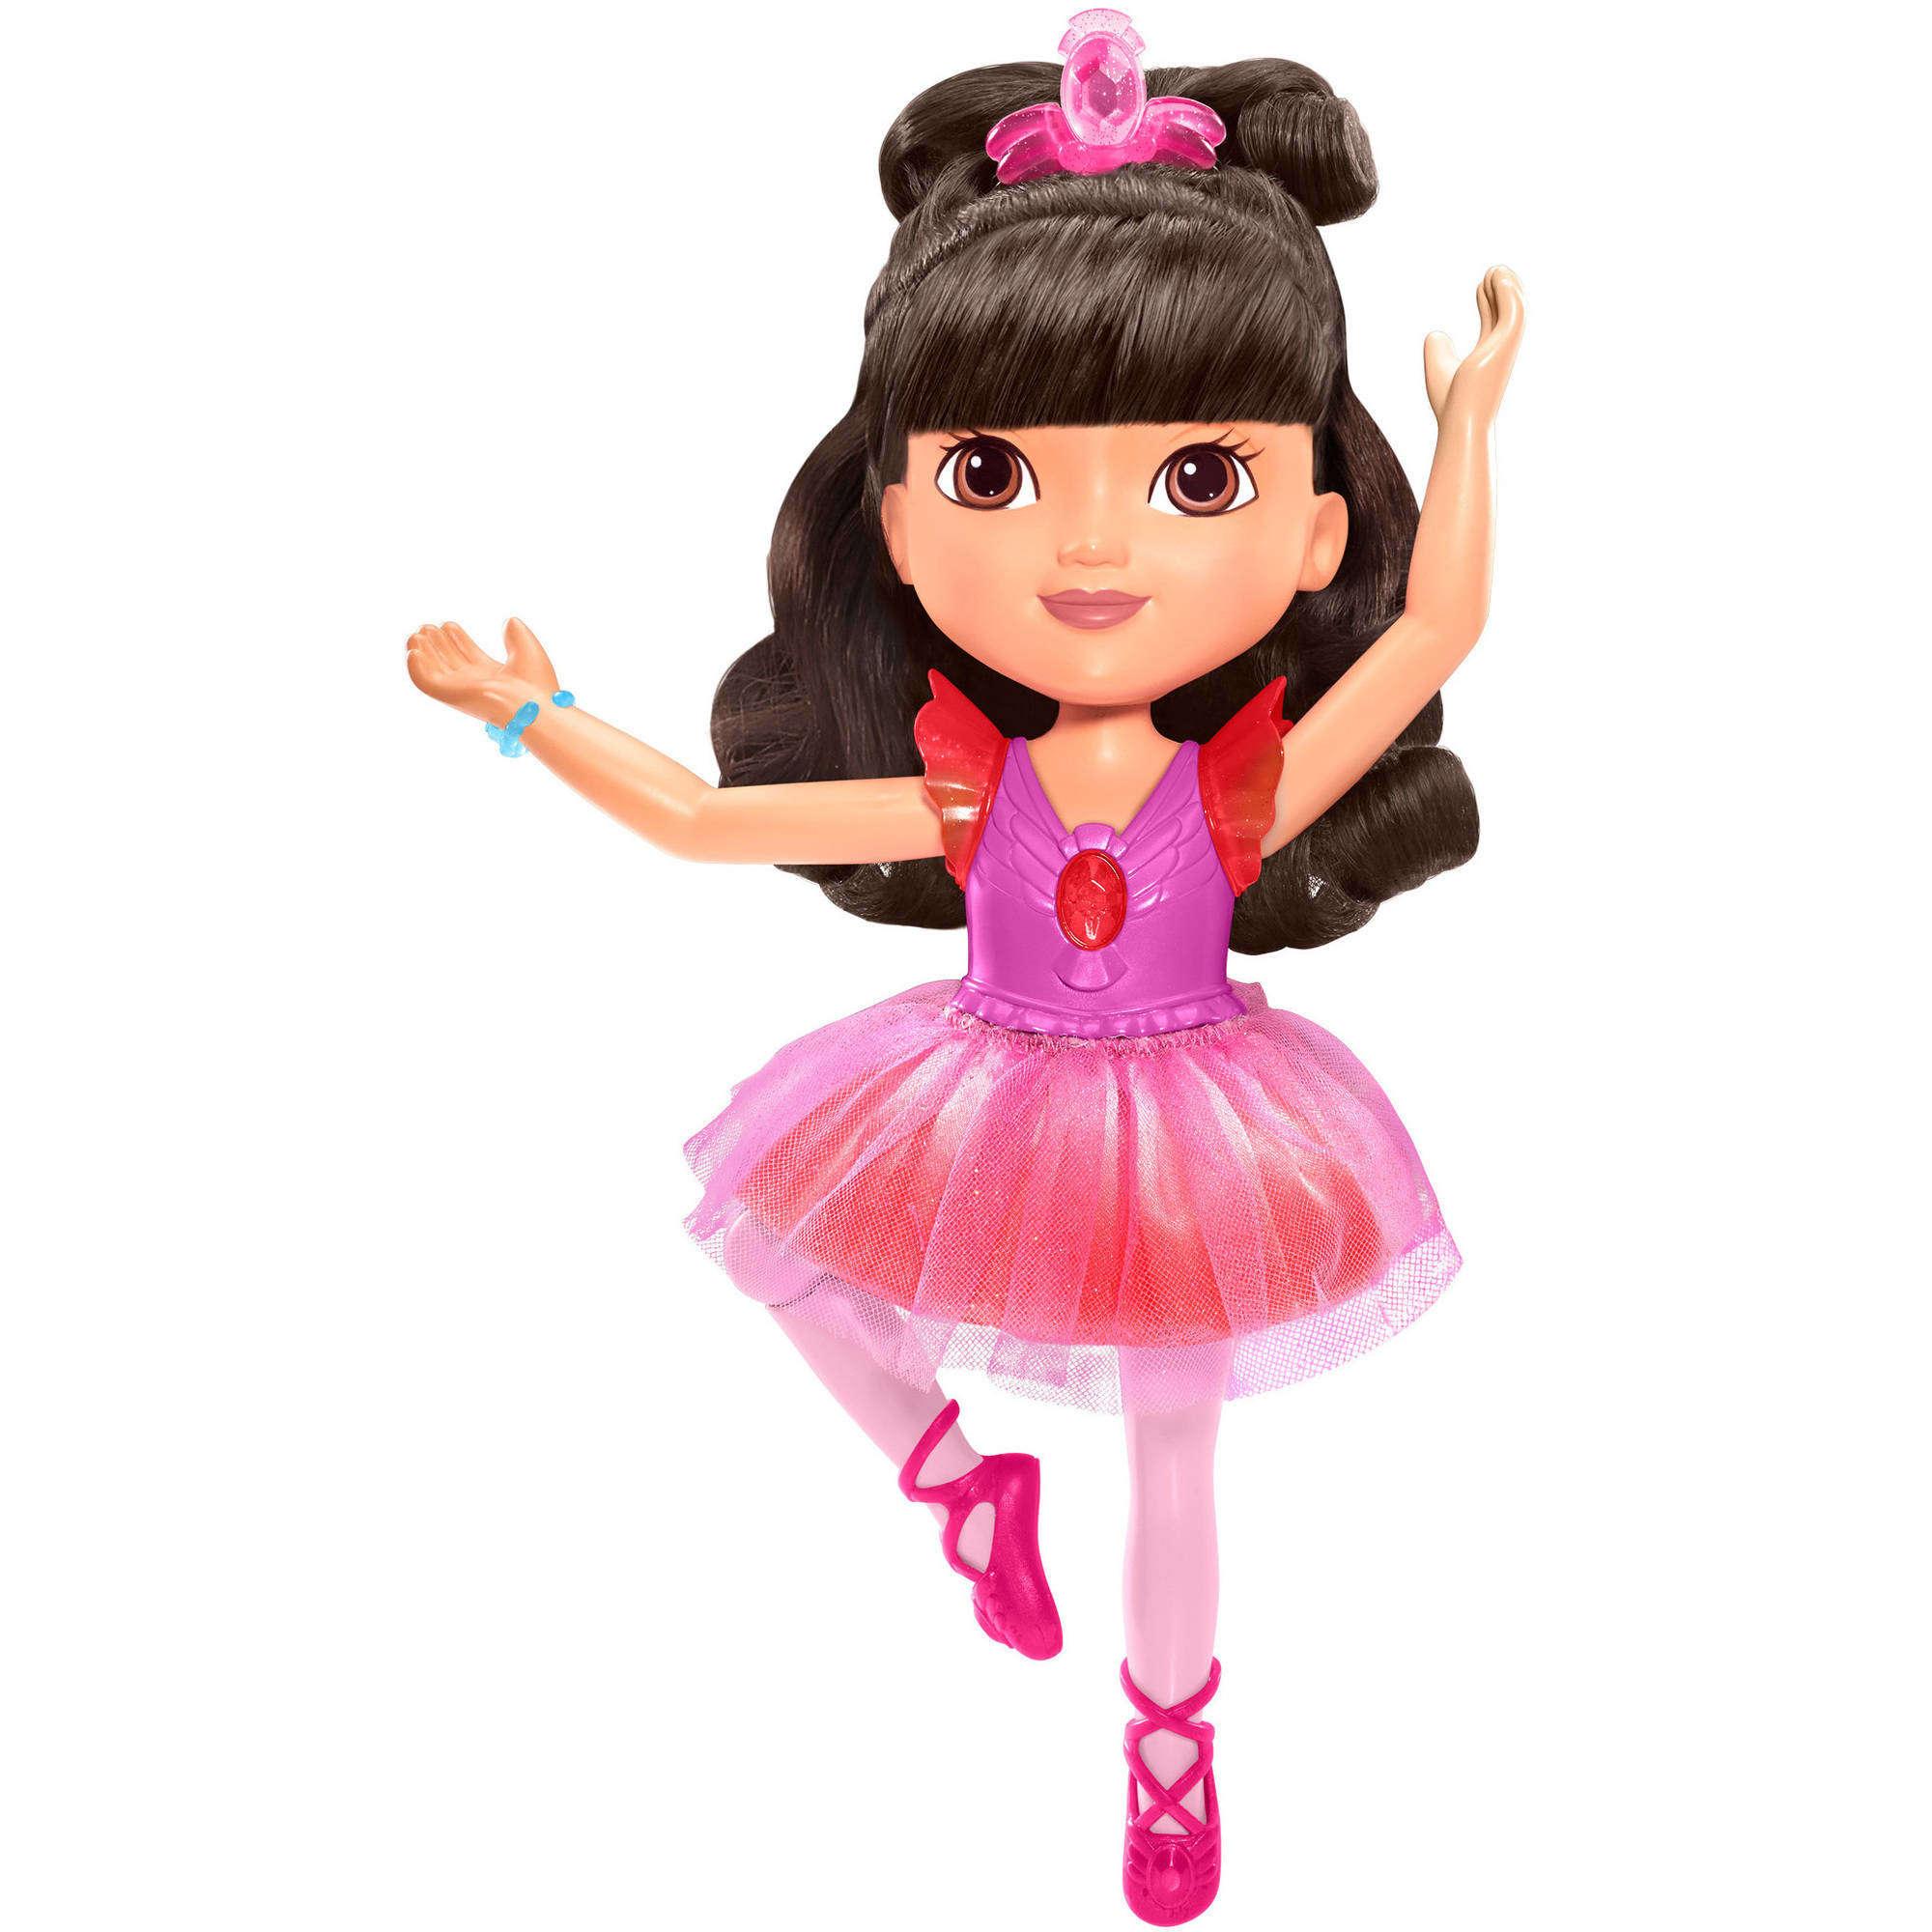 Nickelodeon Dora and Friends Sparkle & Spin Ballerina Dora